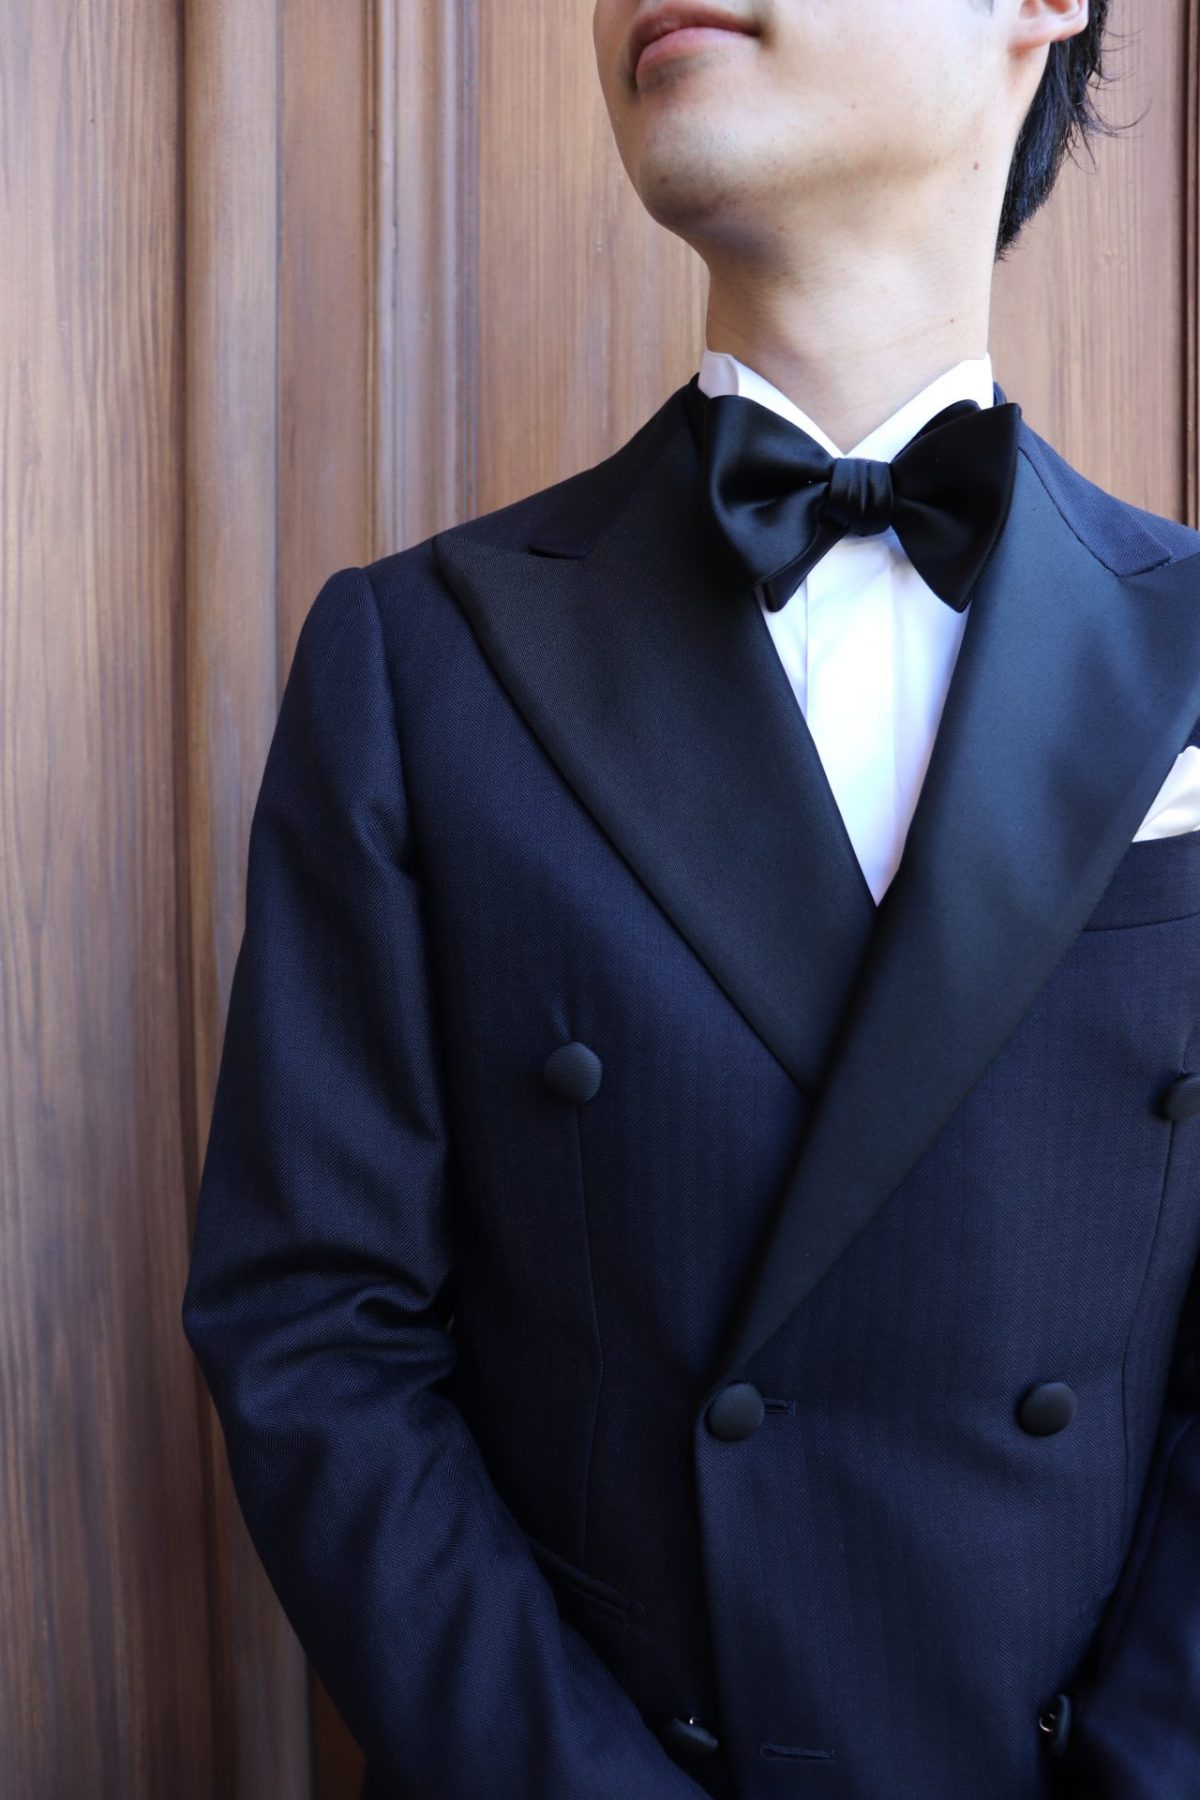 ・THE TREAT DRESSING名古屋店がおすすめする特別感のあるダブルブレストのタキシードのフォーマルスタイル